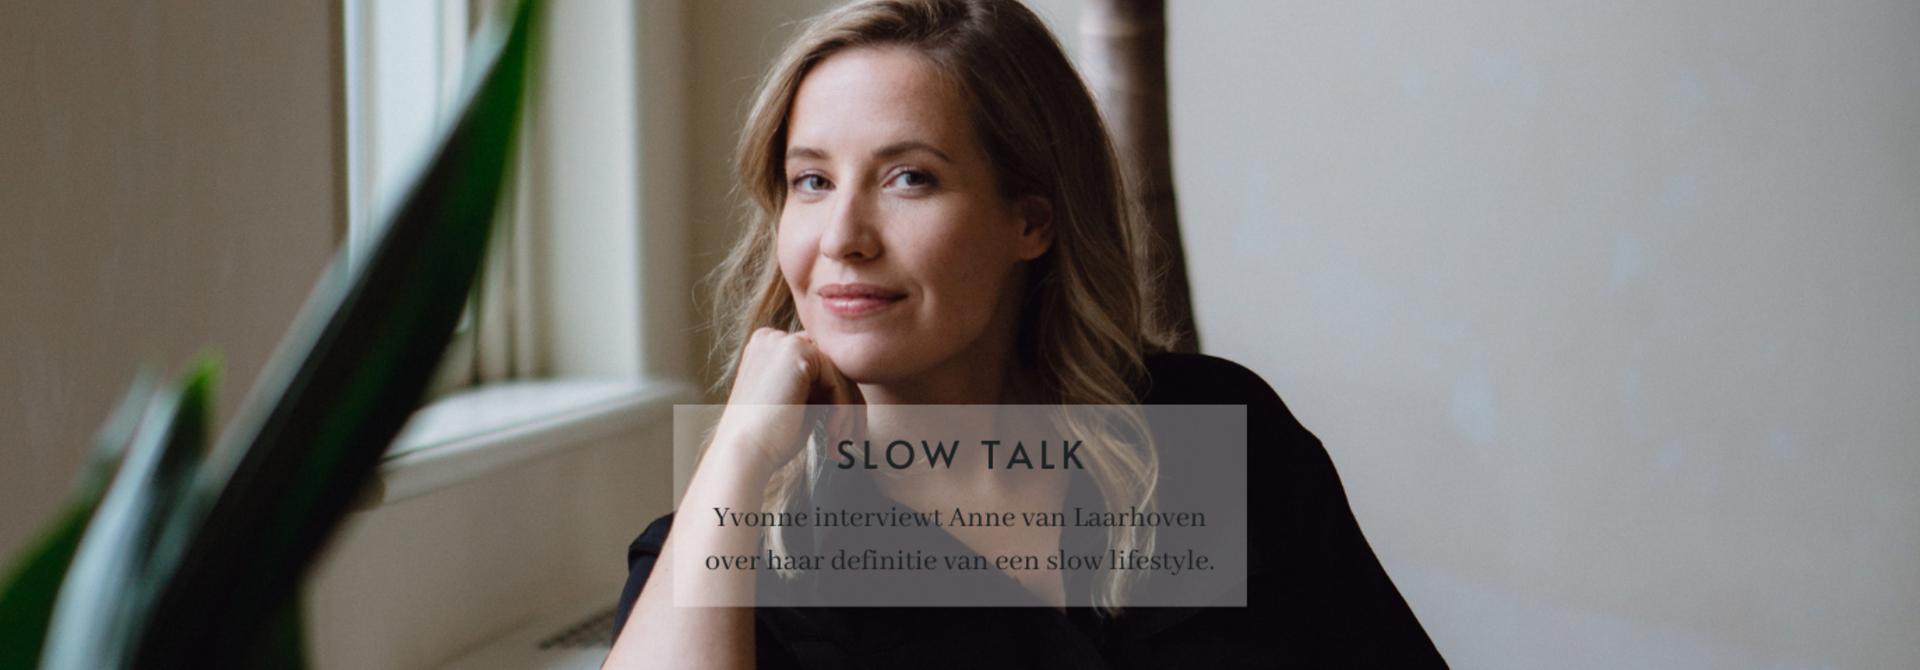 Slow Talk - Anne van Laarhoven